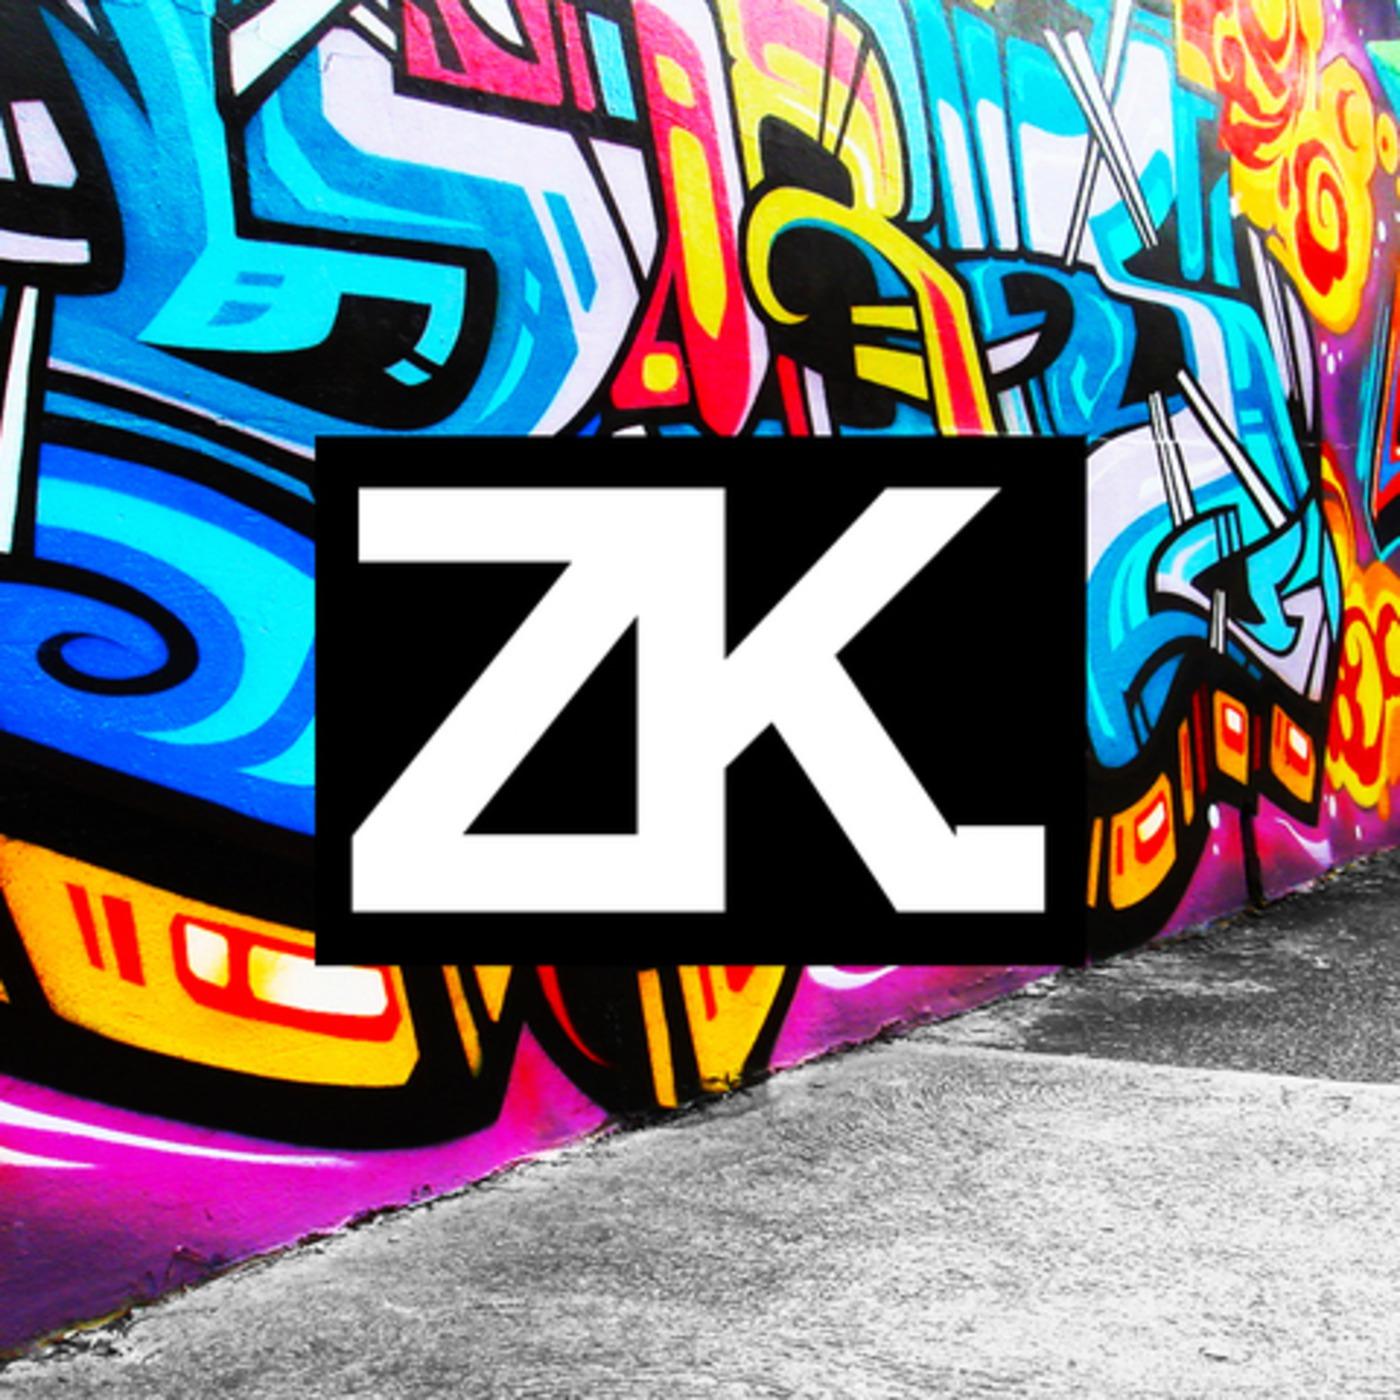 Z'Spin FM